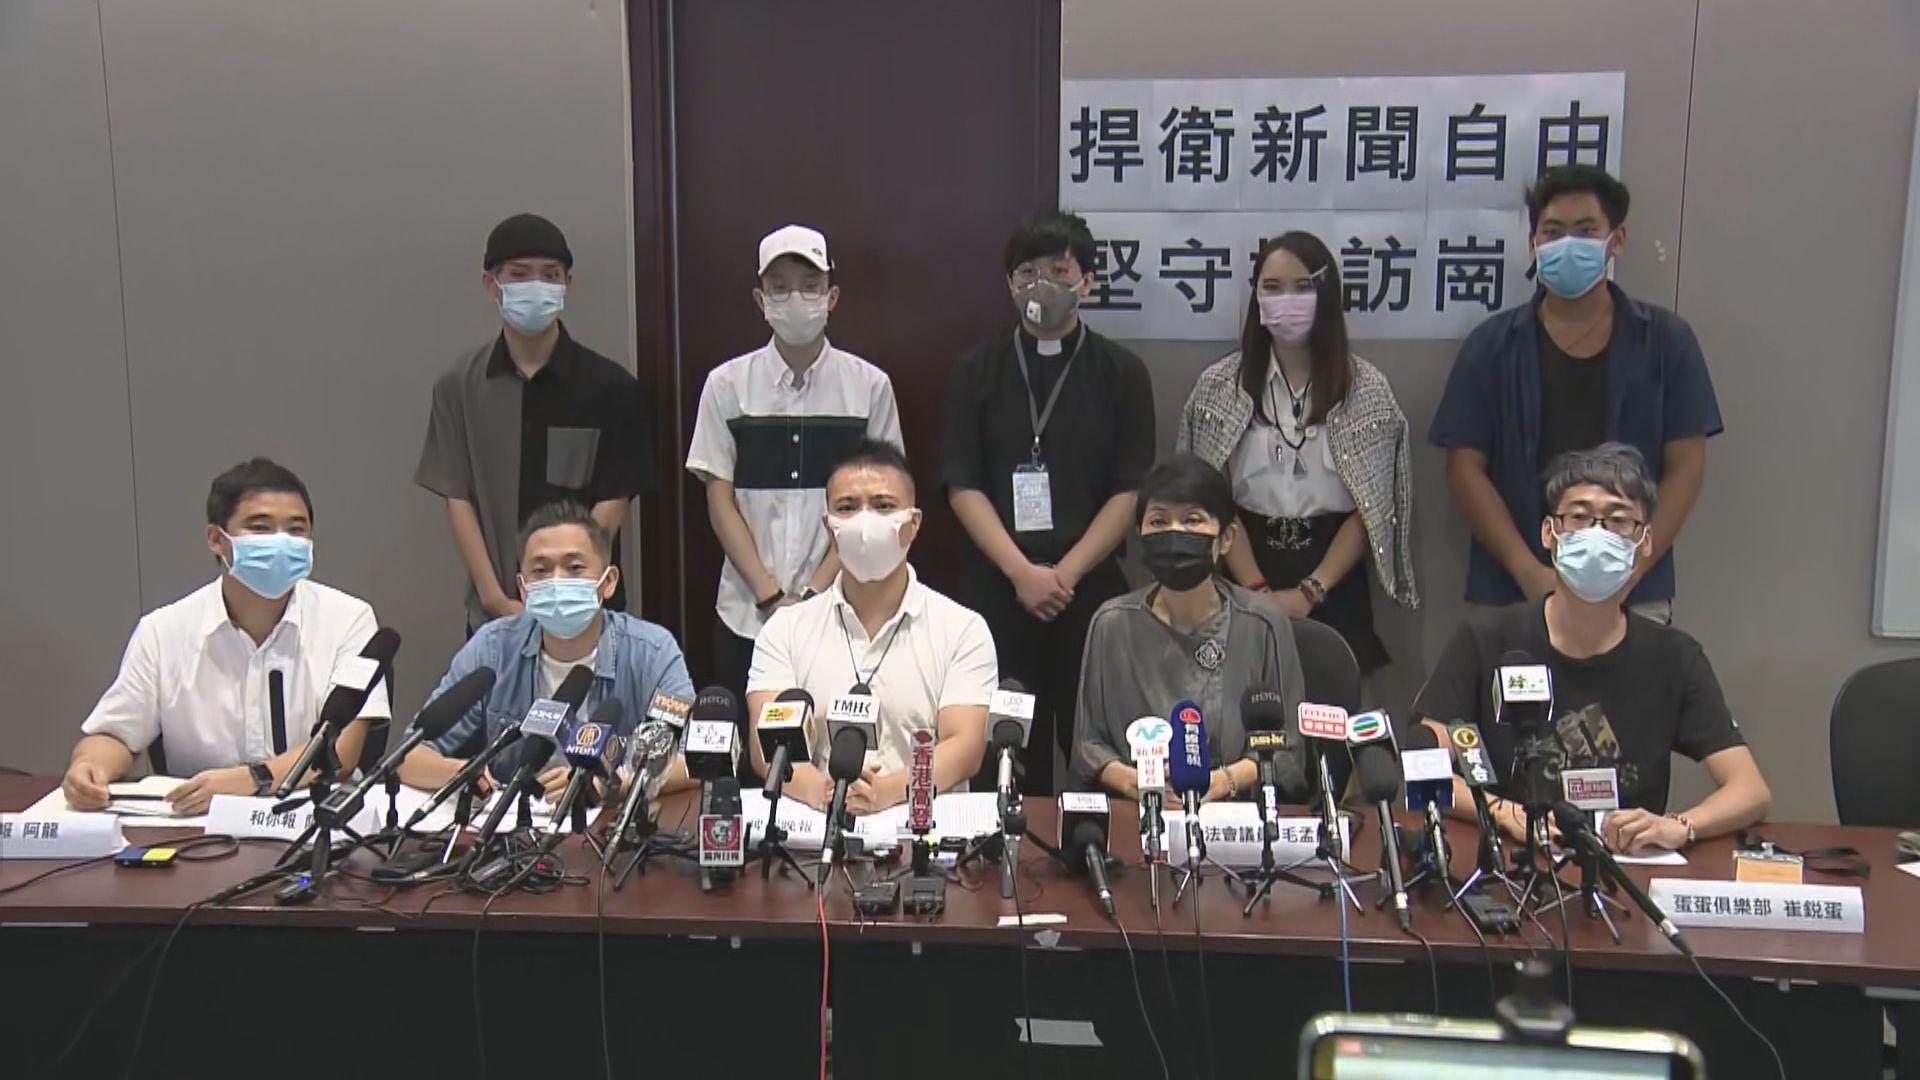 網絡新聞工作者聯盟反對警方修訂傳媒定義